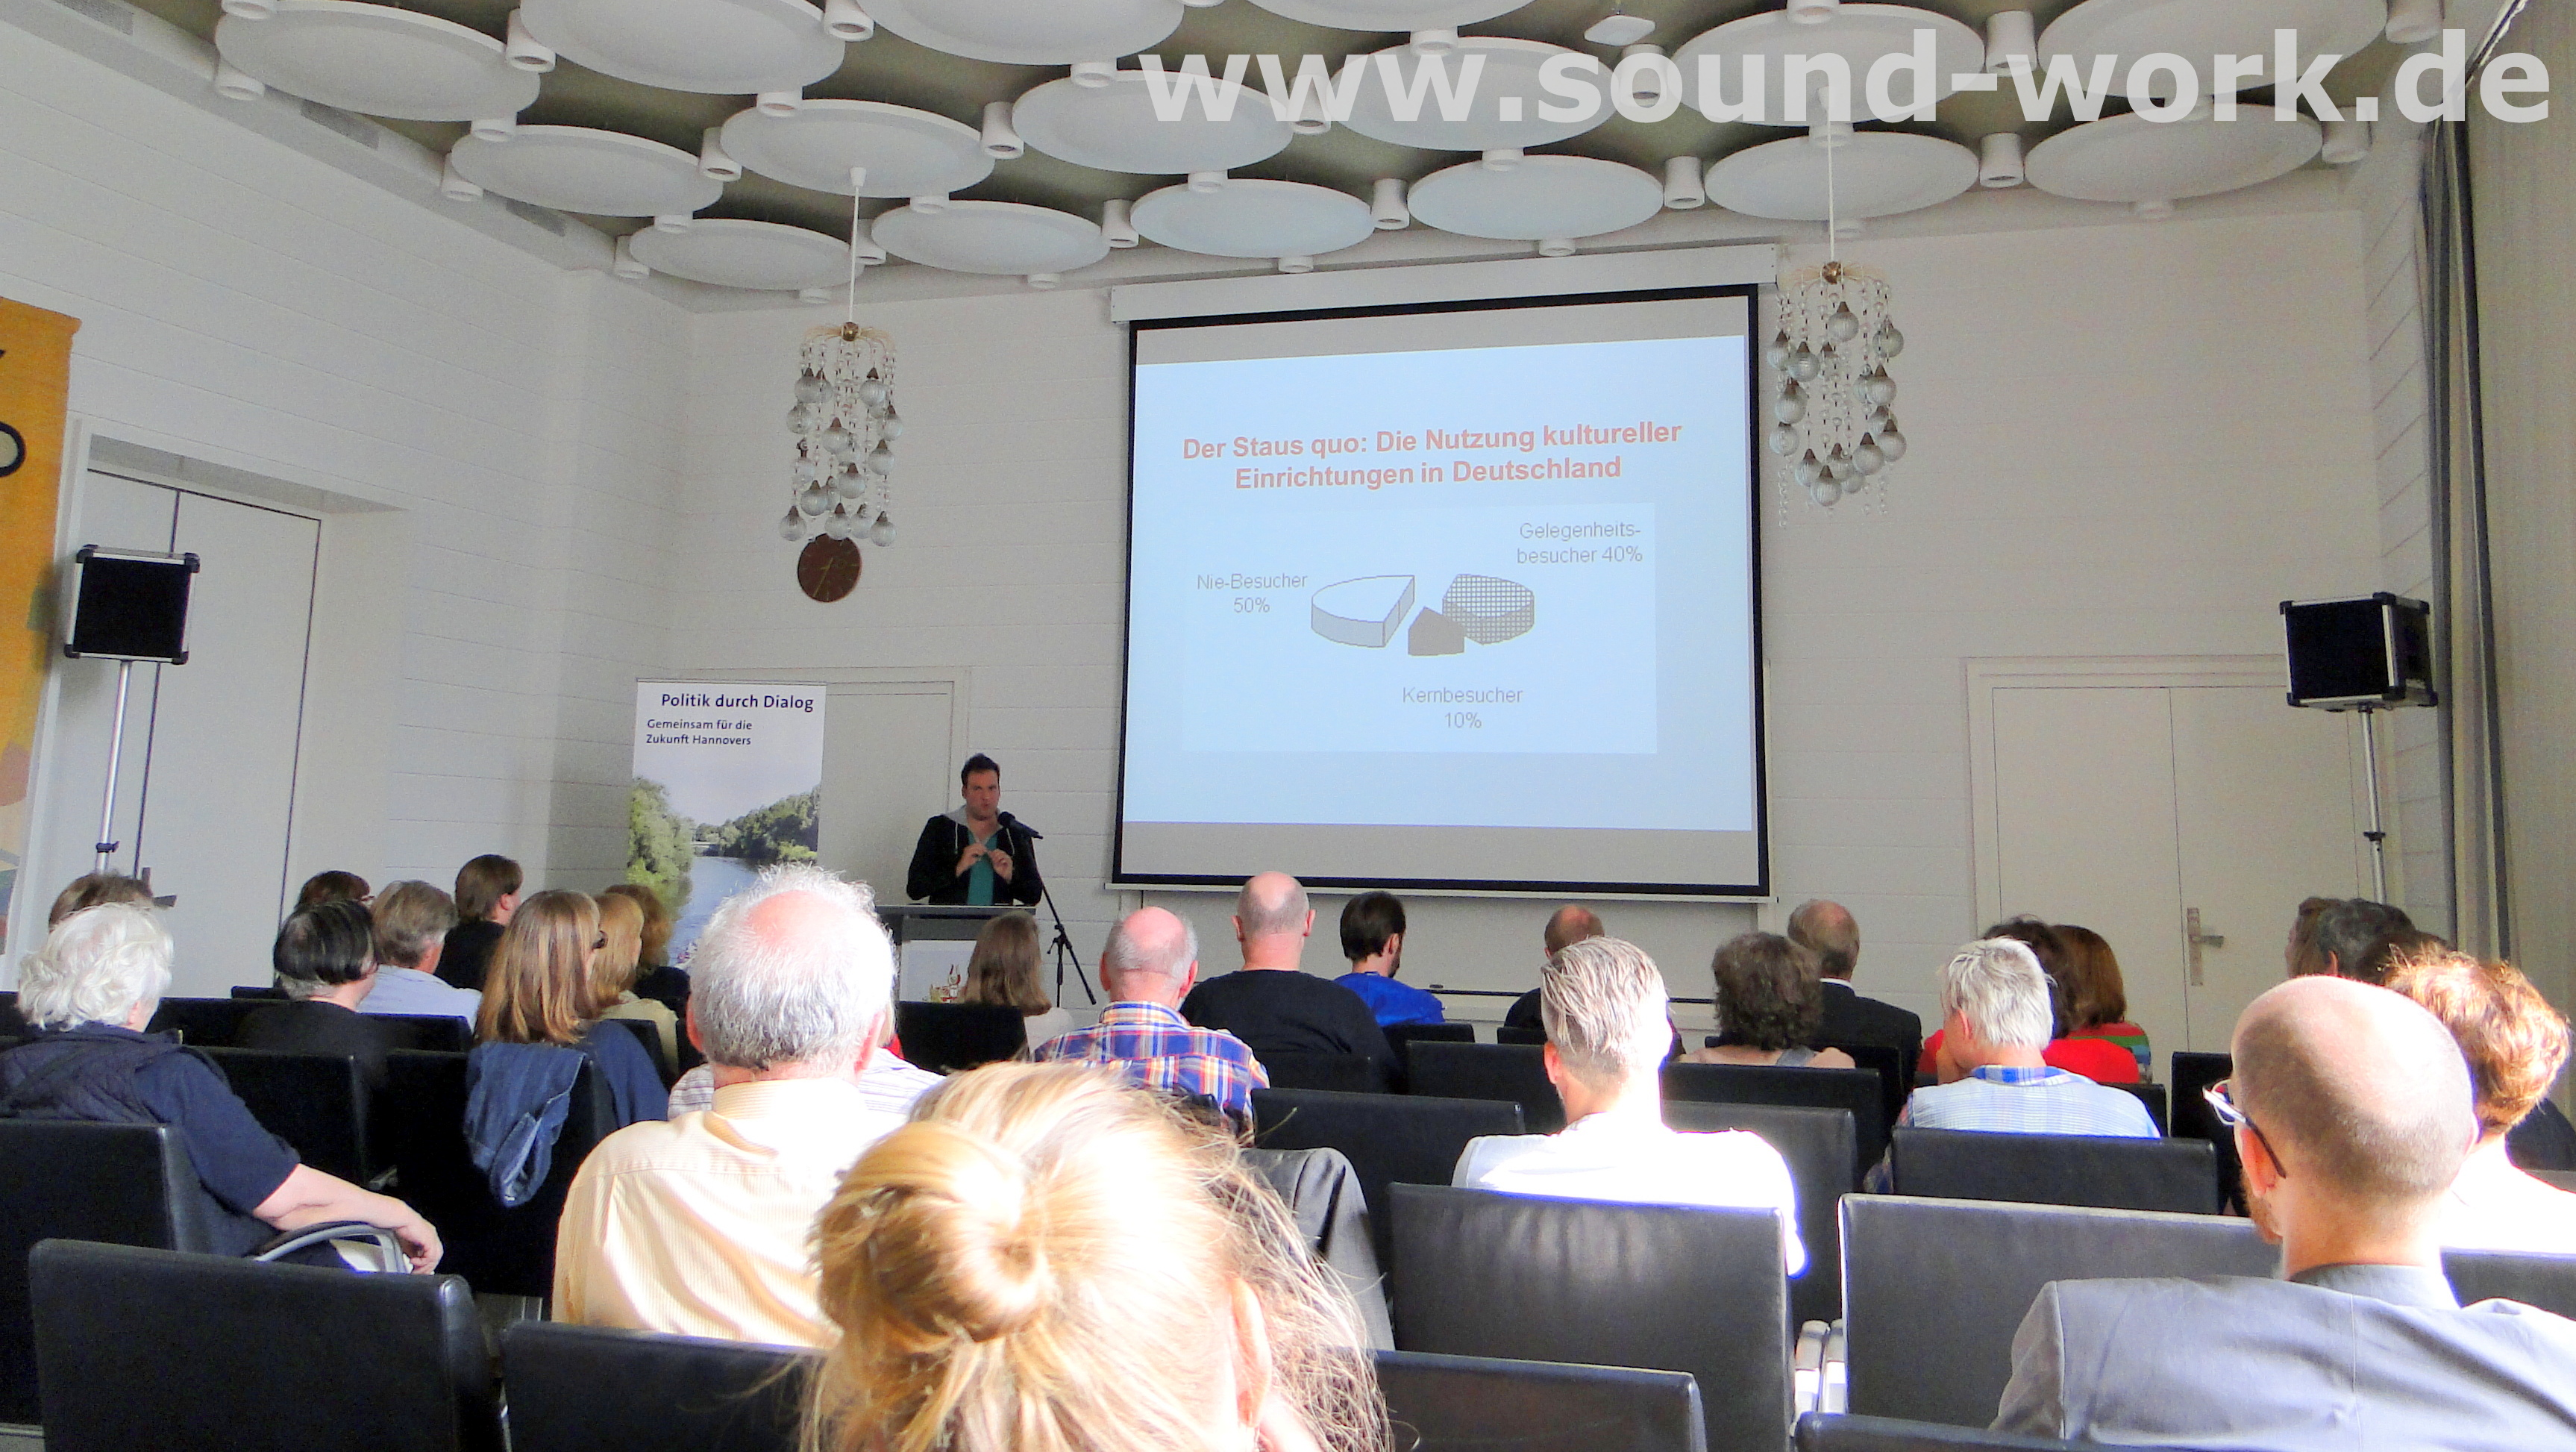 Vortrag - Nutzung kultureller Einrichtungen in Deutschland